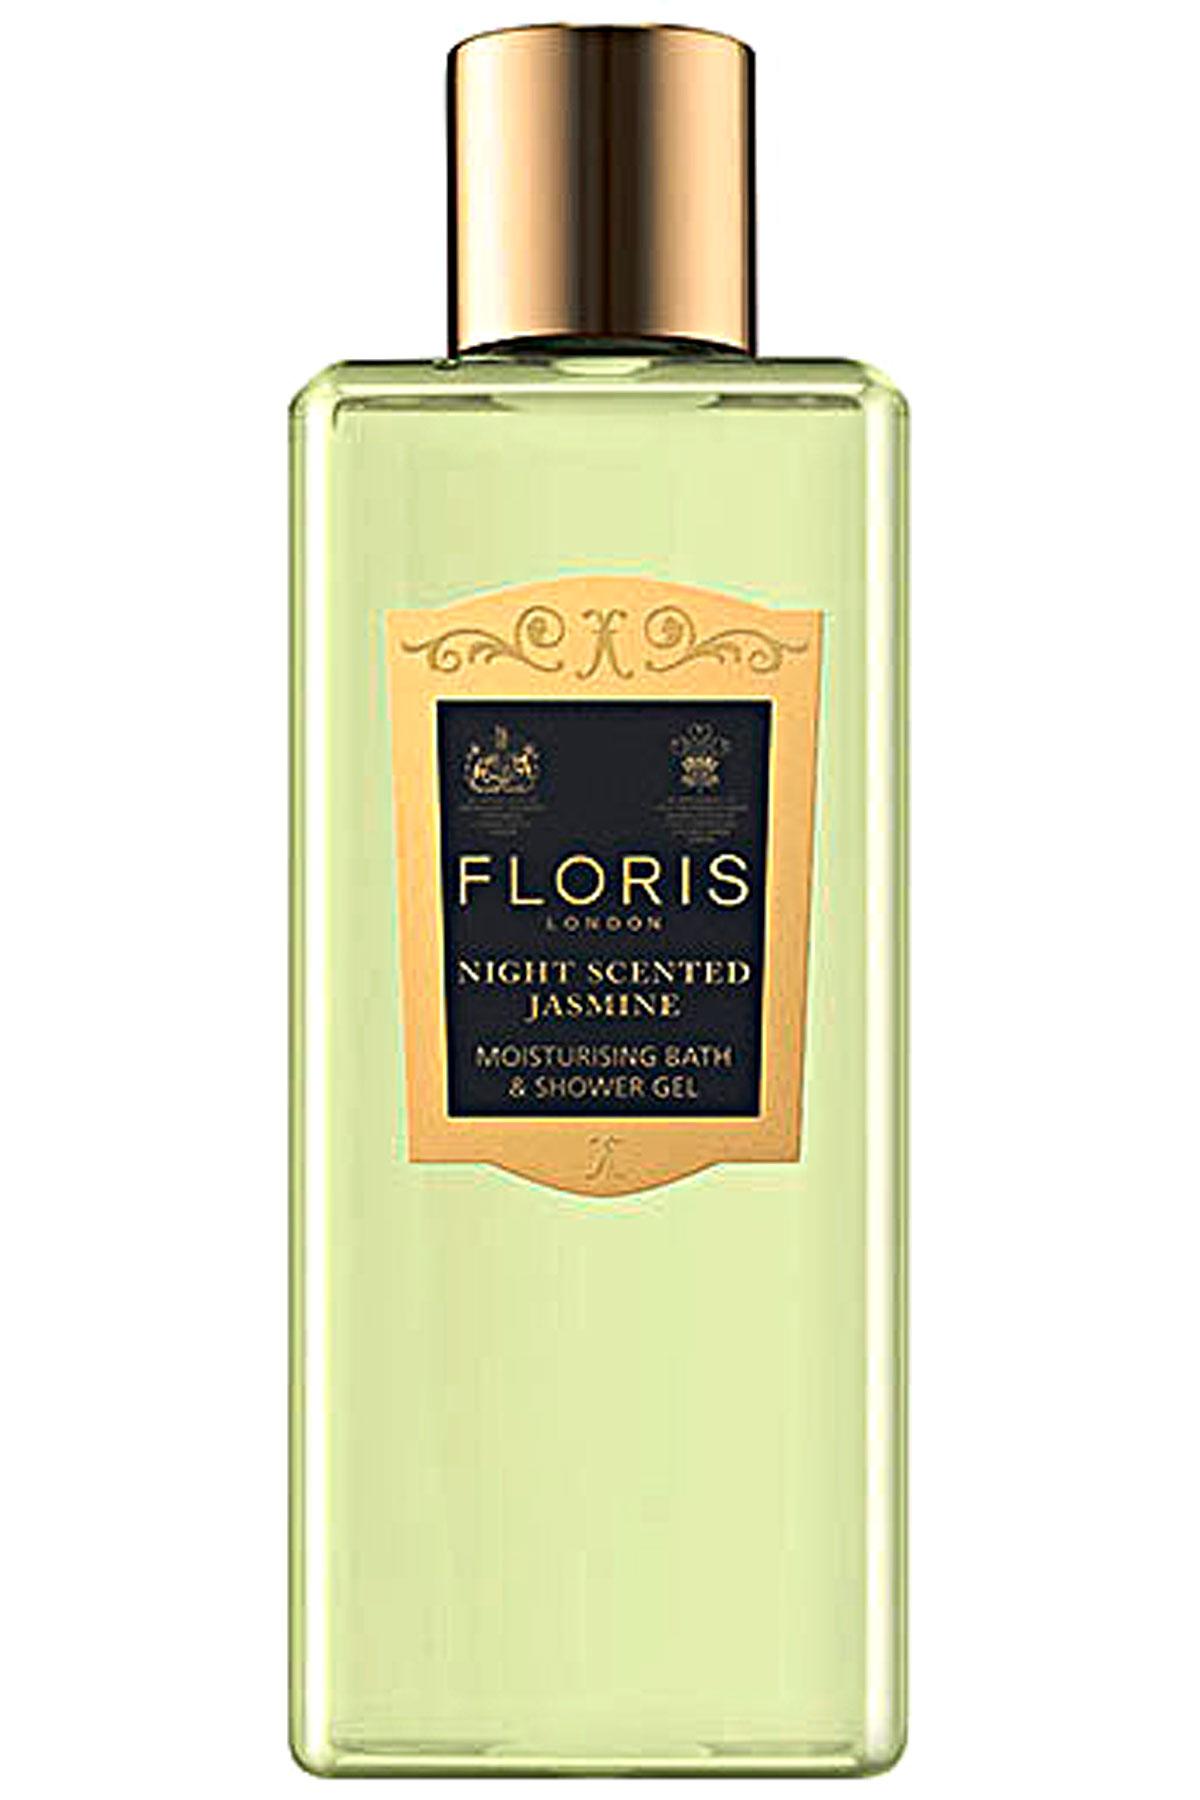 Floris London Beauty for Women On Sale, Night Scented Jasmine - Bath & Shower Gel - 250 Ml, 2019, 250 ml